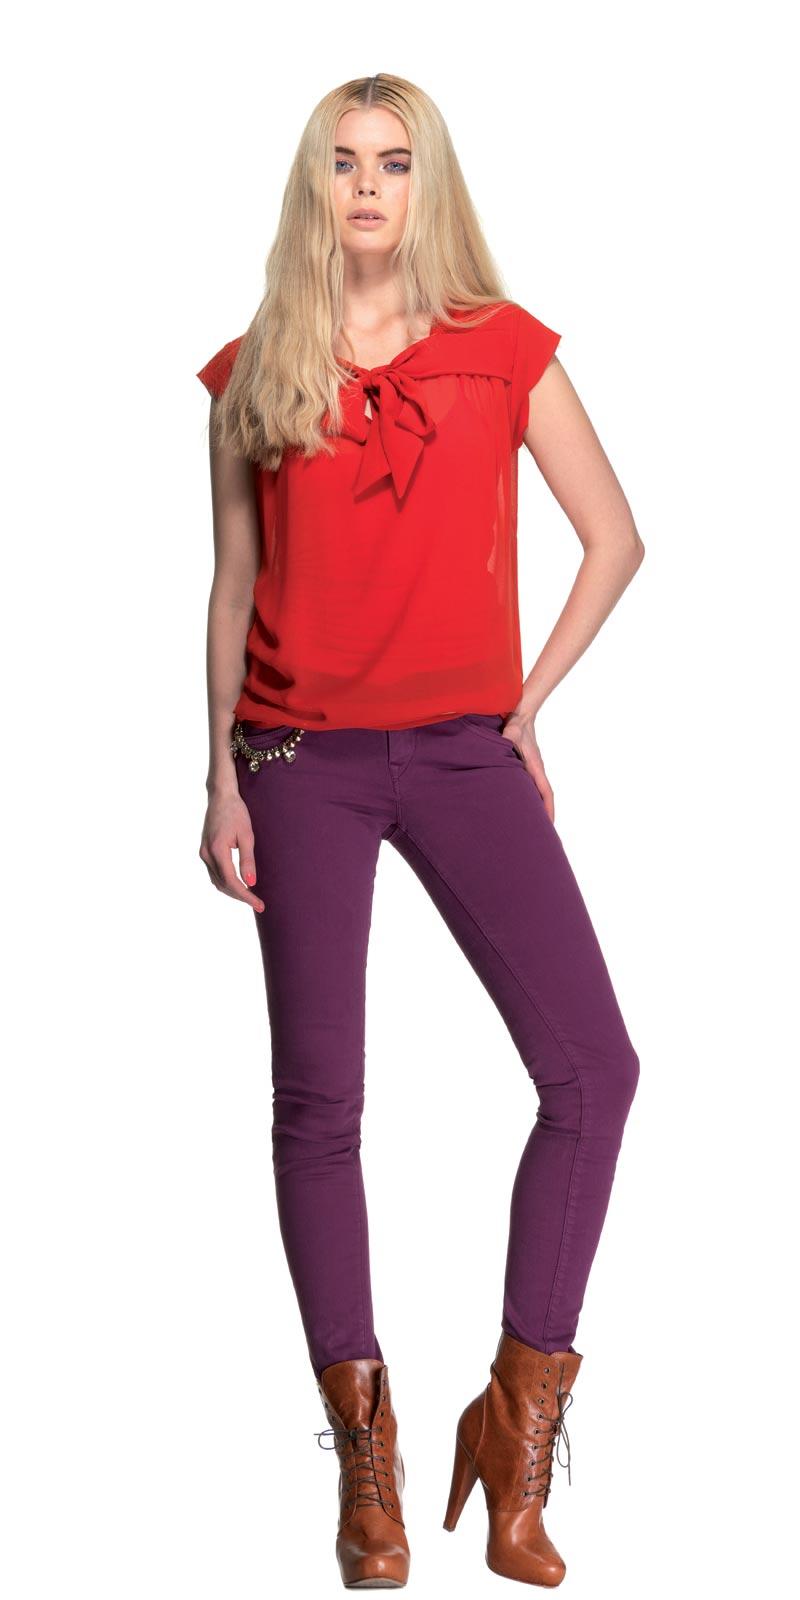 Camicie rosse con granci fiocchi Fornarina autunno inverno 2013 2014